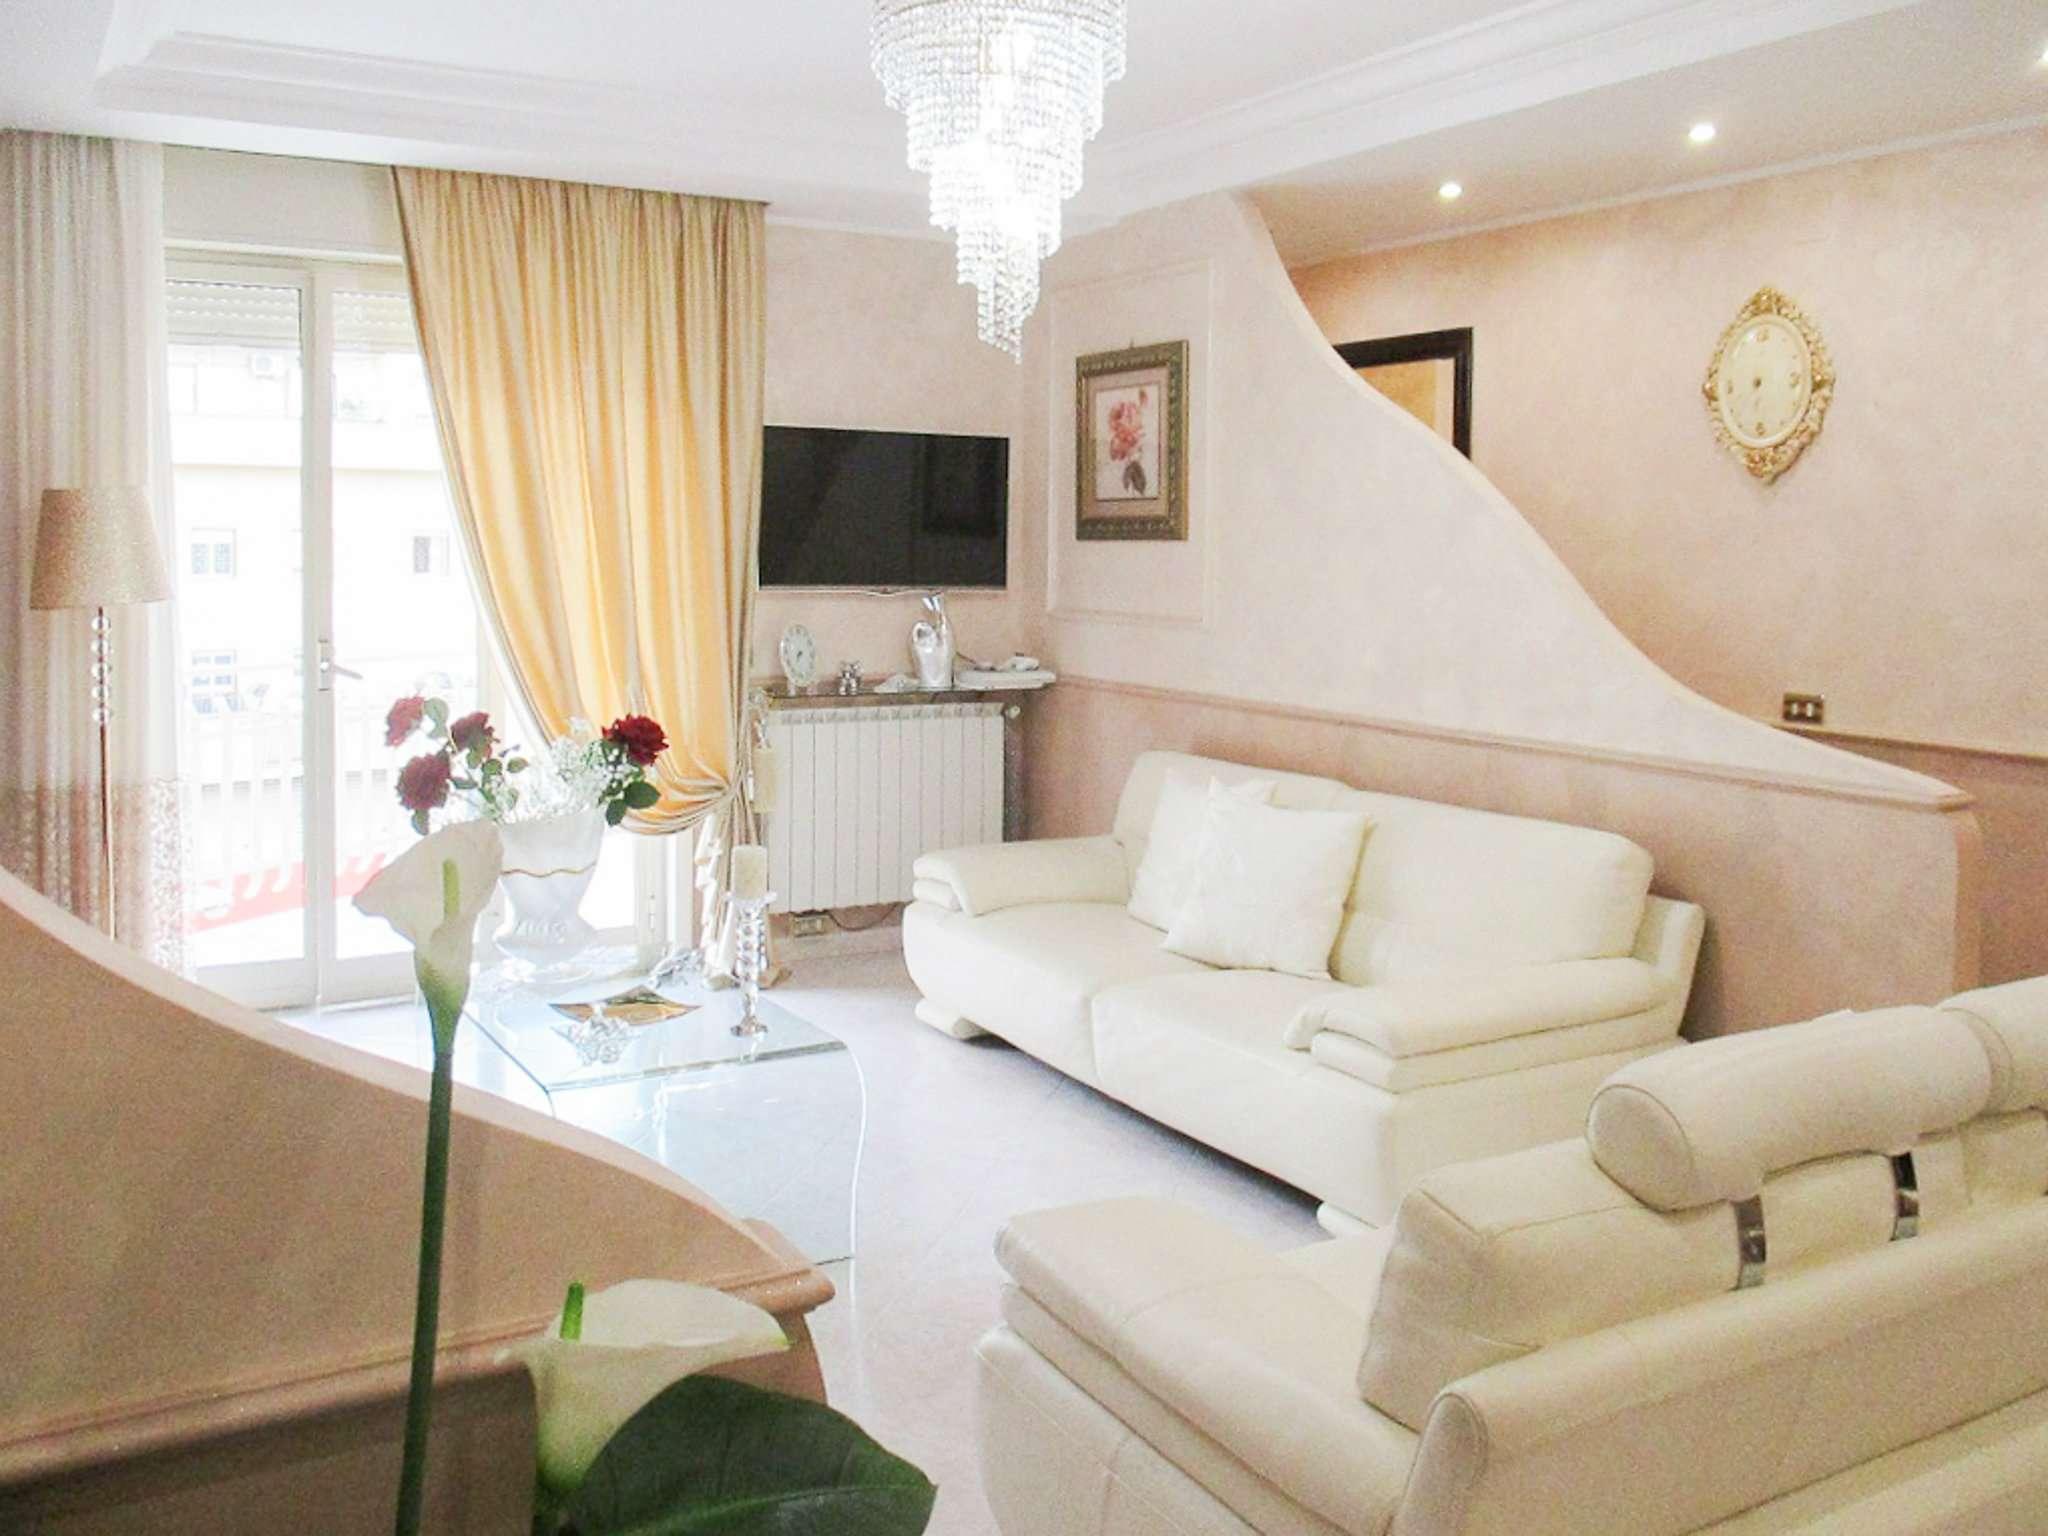 Appartamento in vendita a Caltanissetta, 4 locali, prezzo € 125.000 | CambioCasa.it